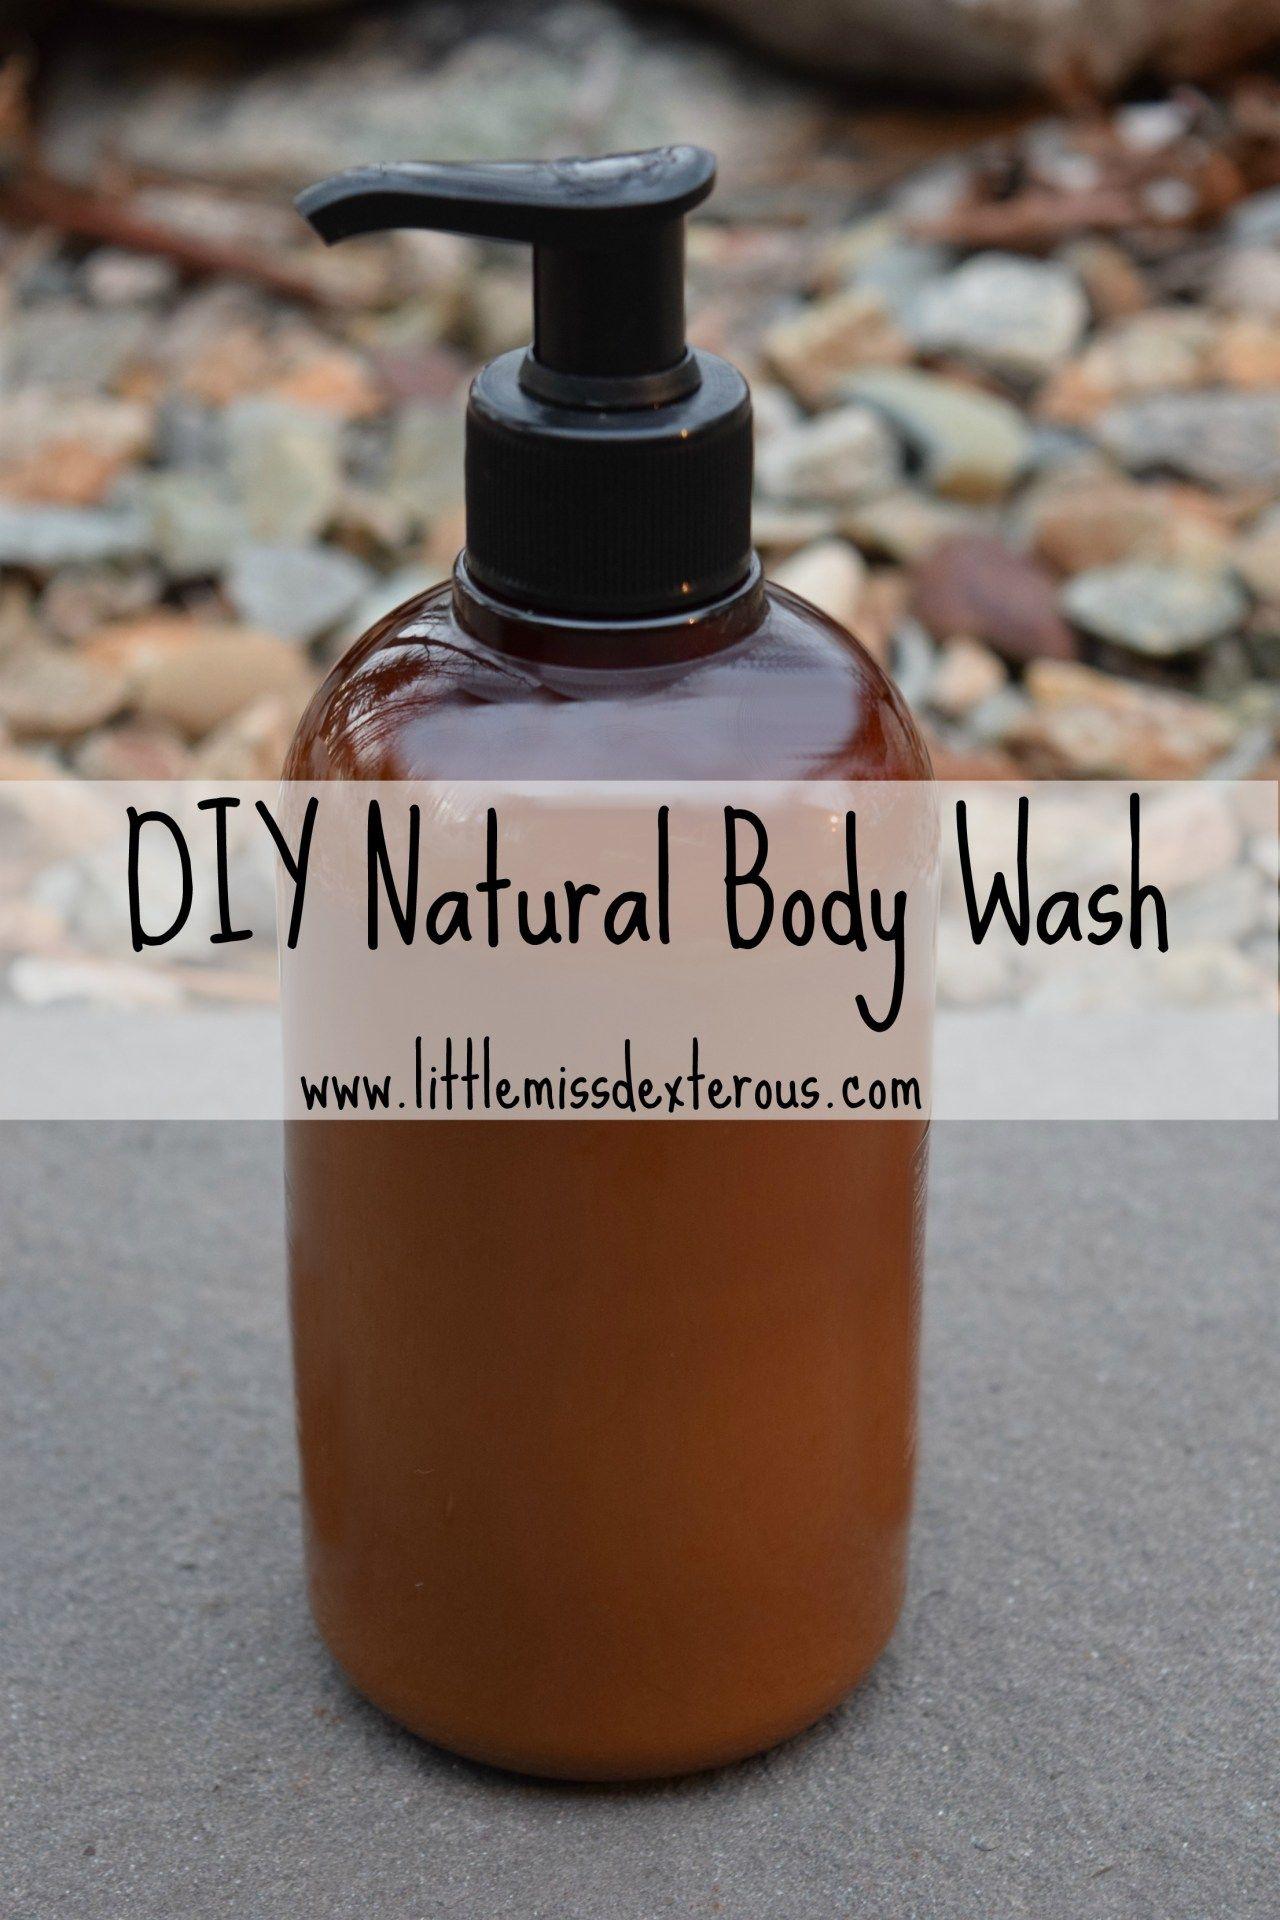 Diy natural body wash diy body wash natural body wash